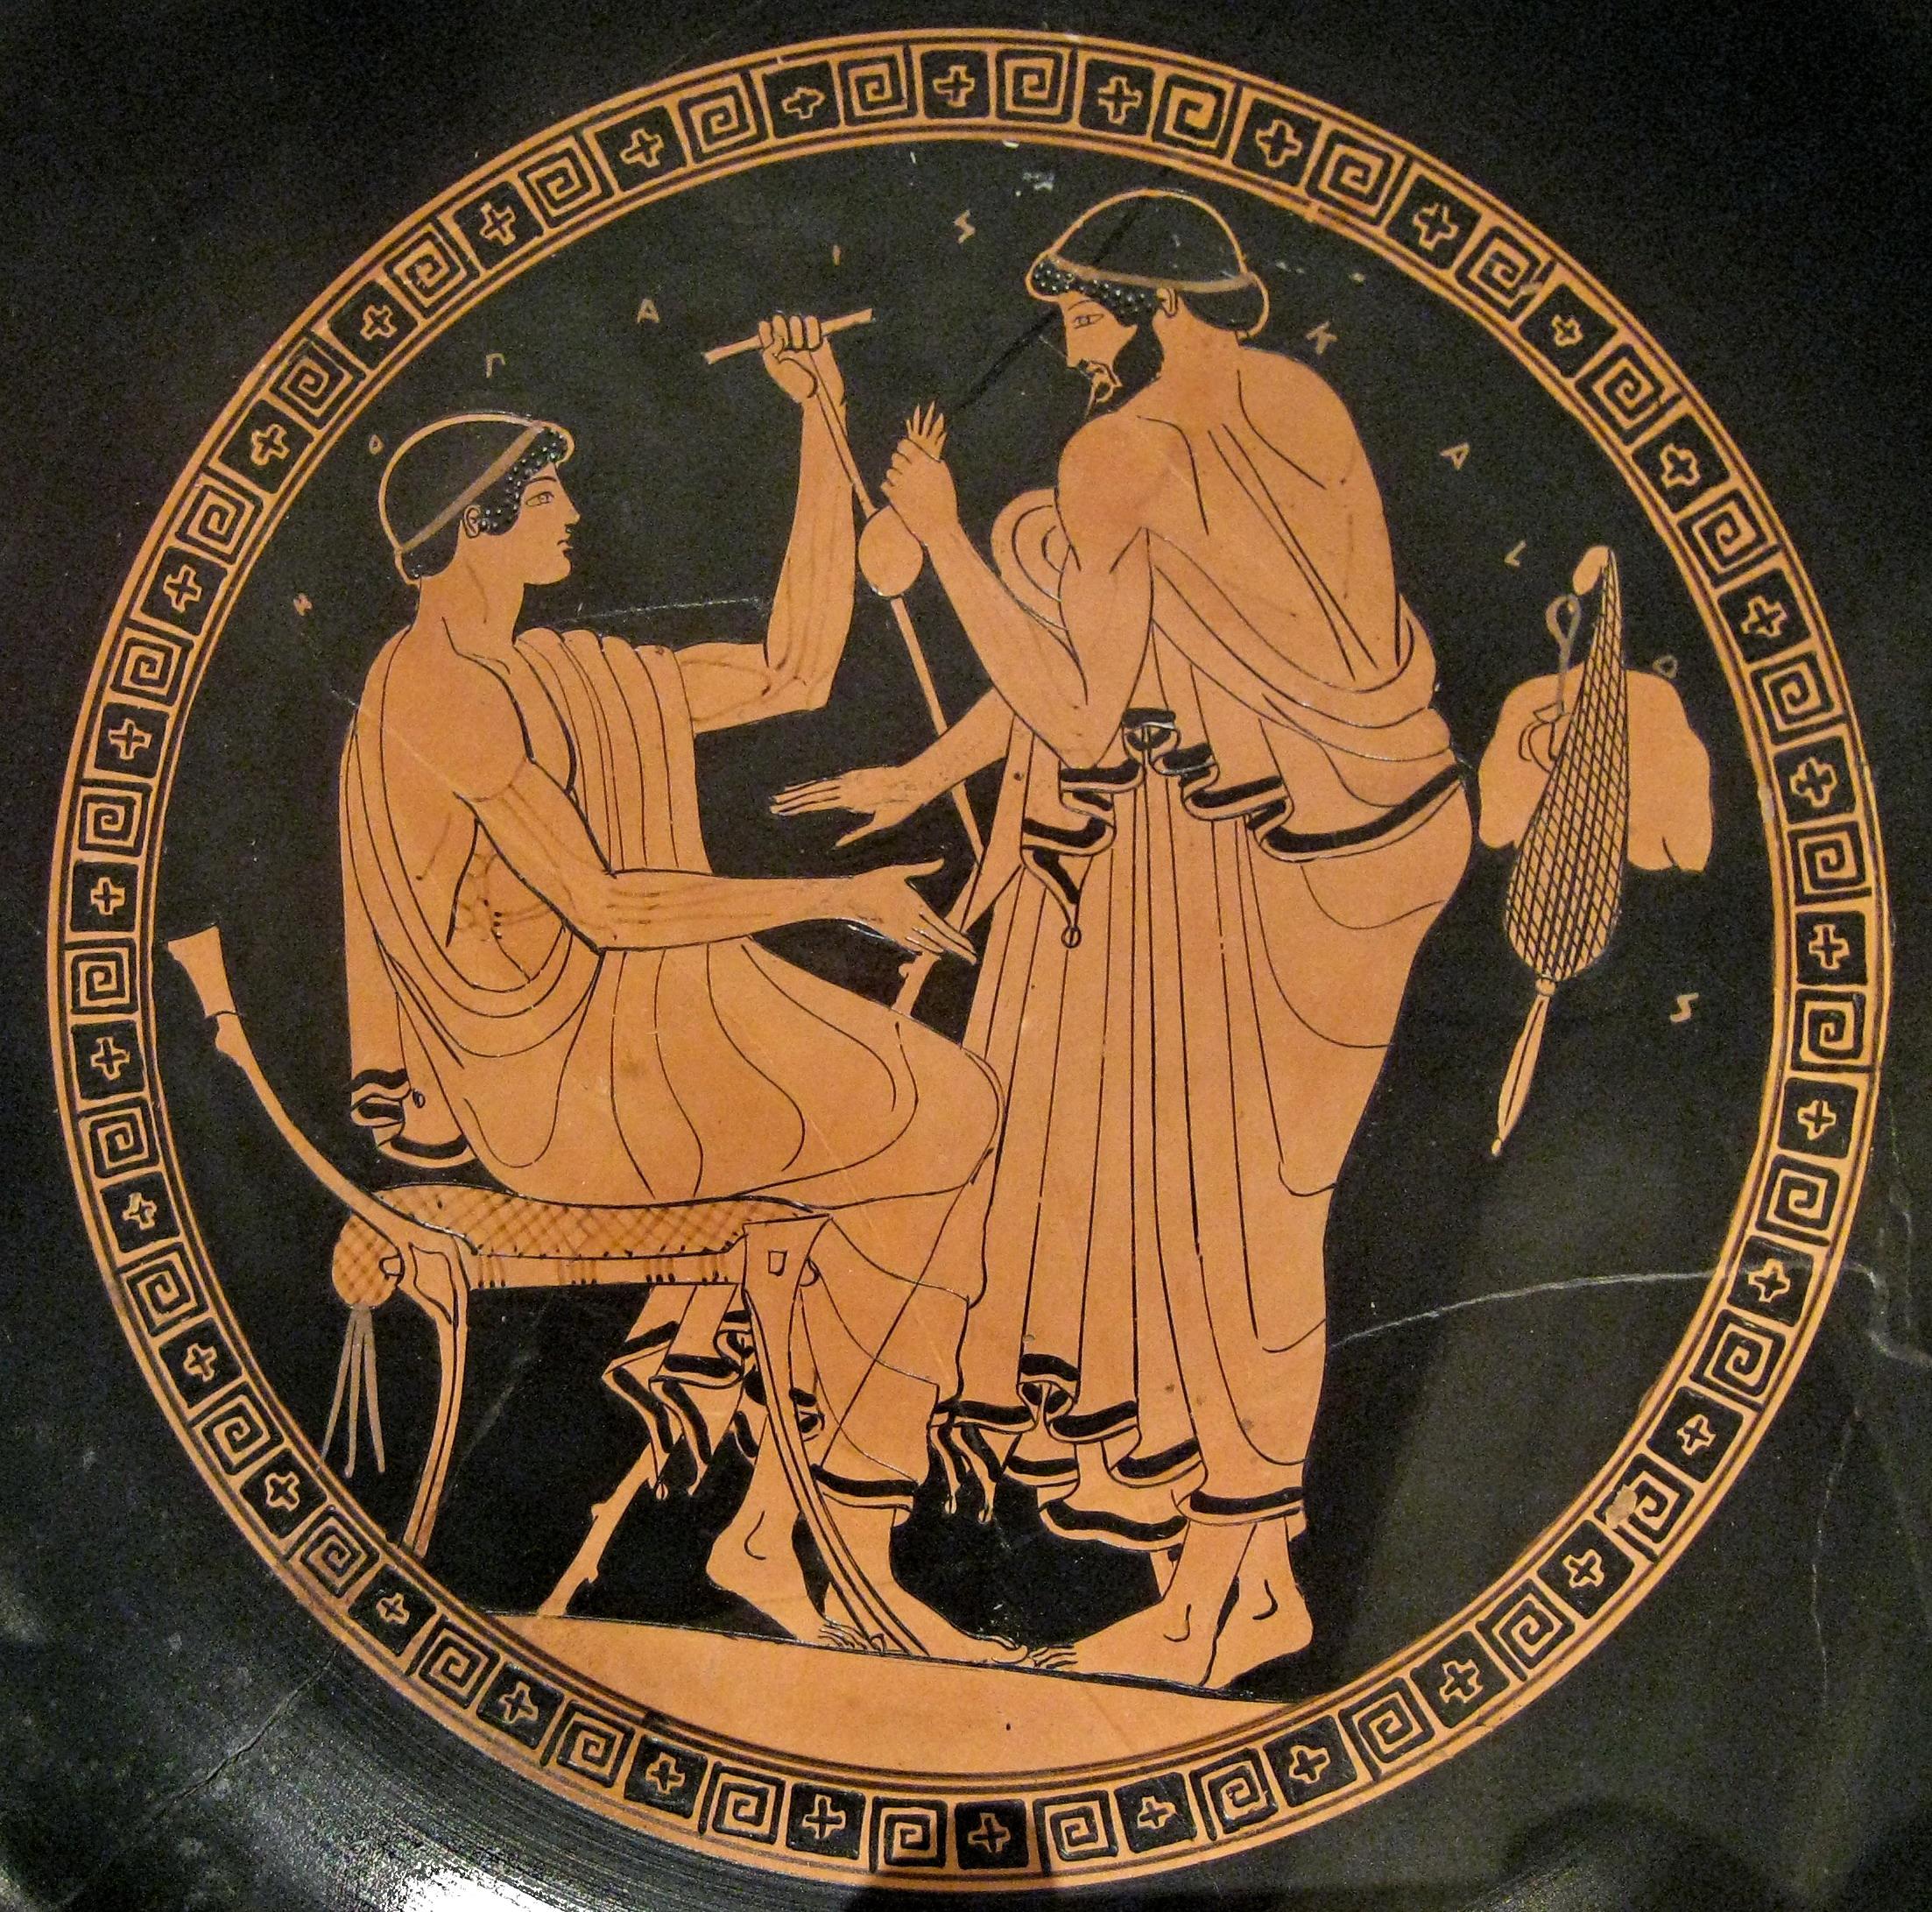 Секс в древней греции смотреть онлайн 23 фотография